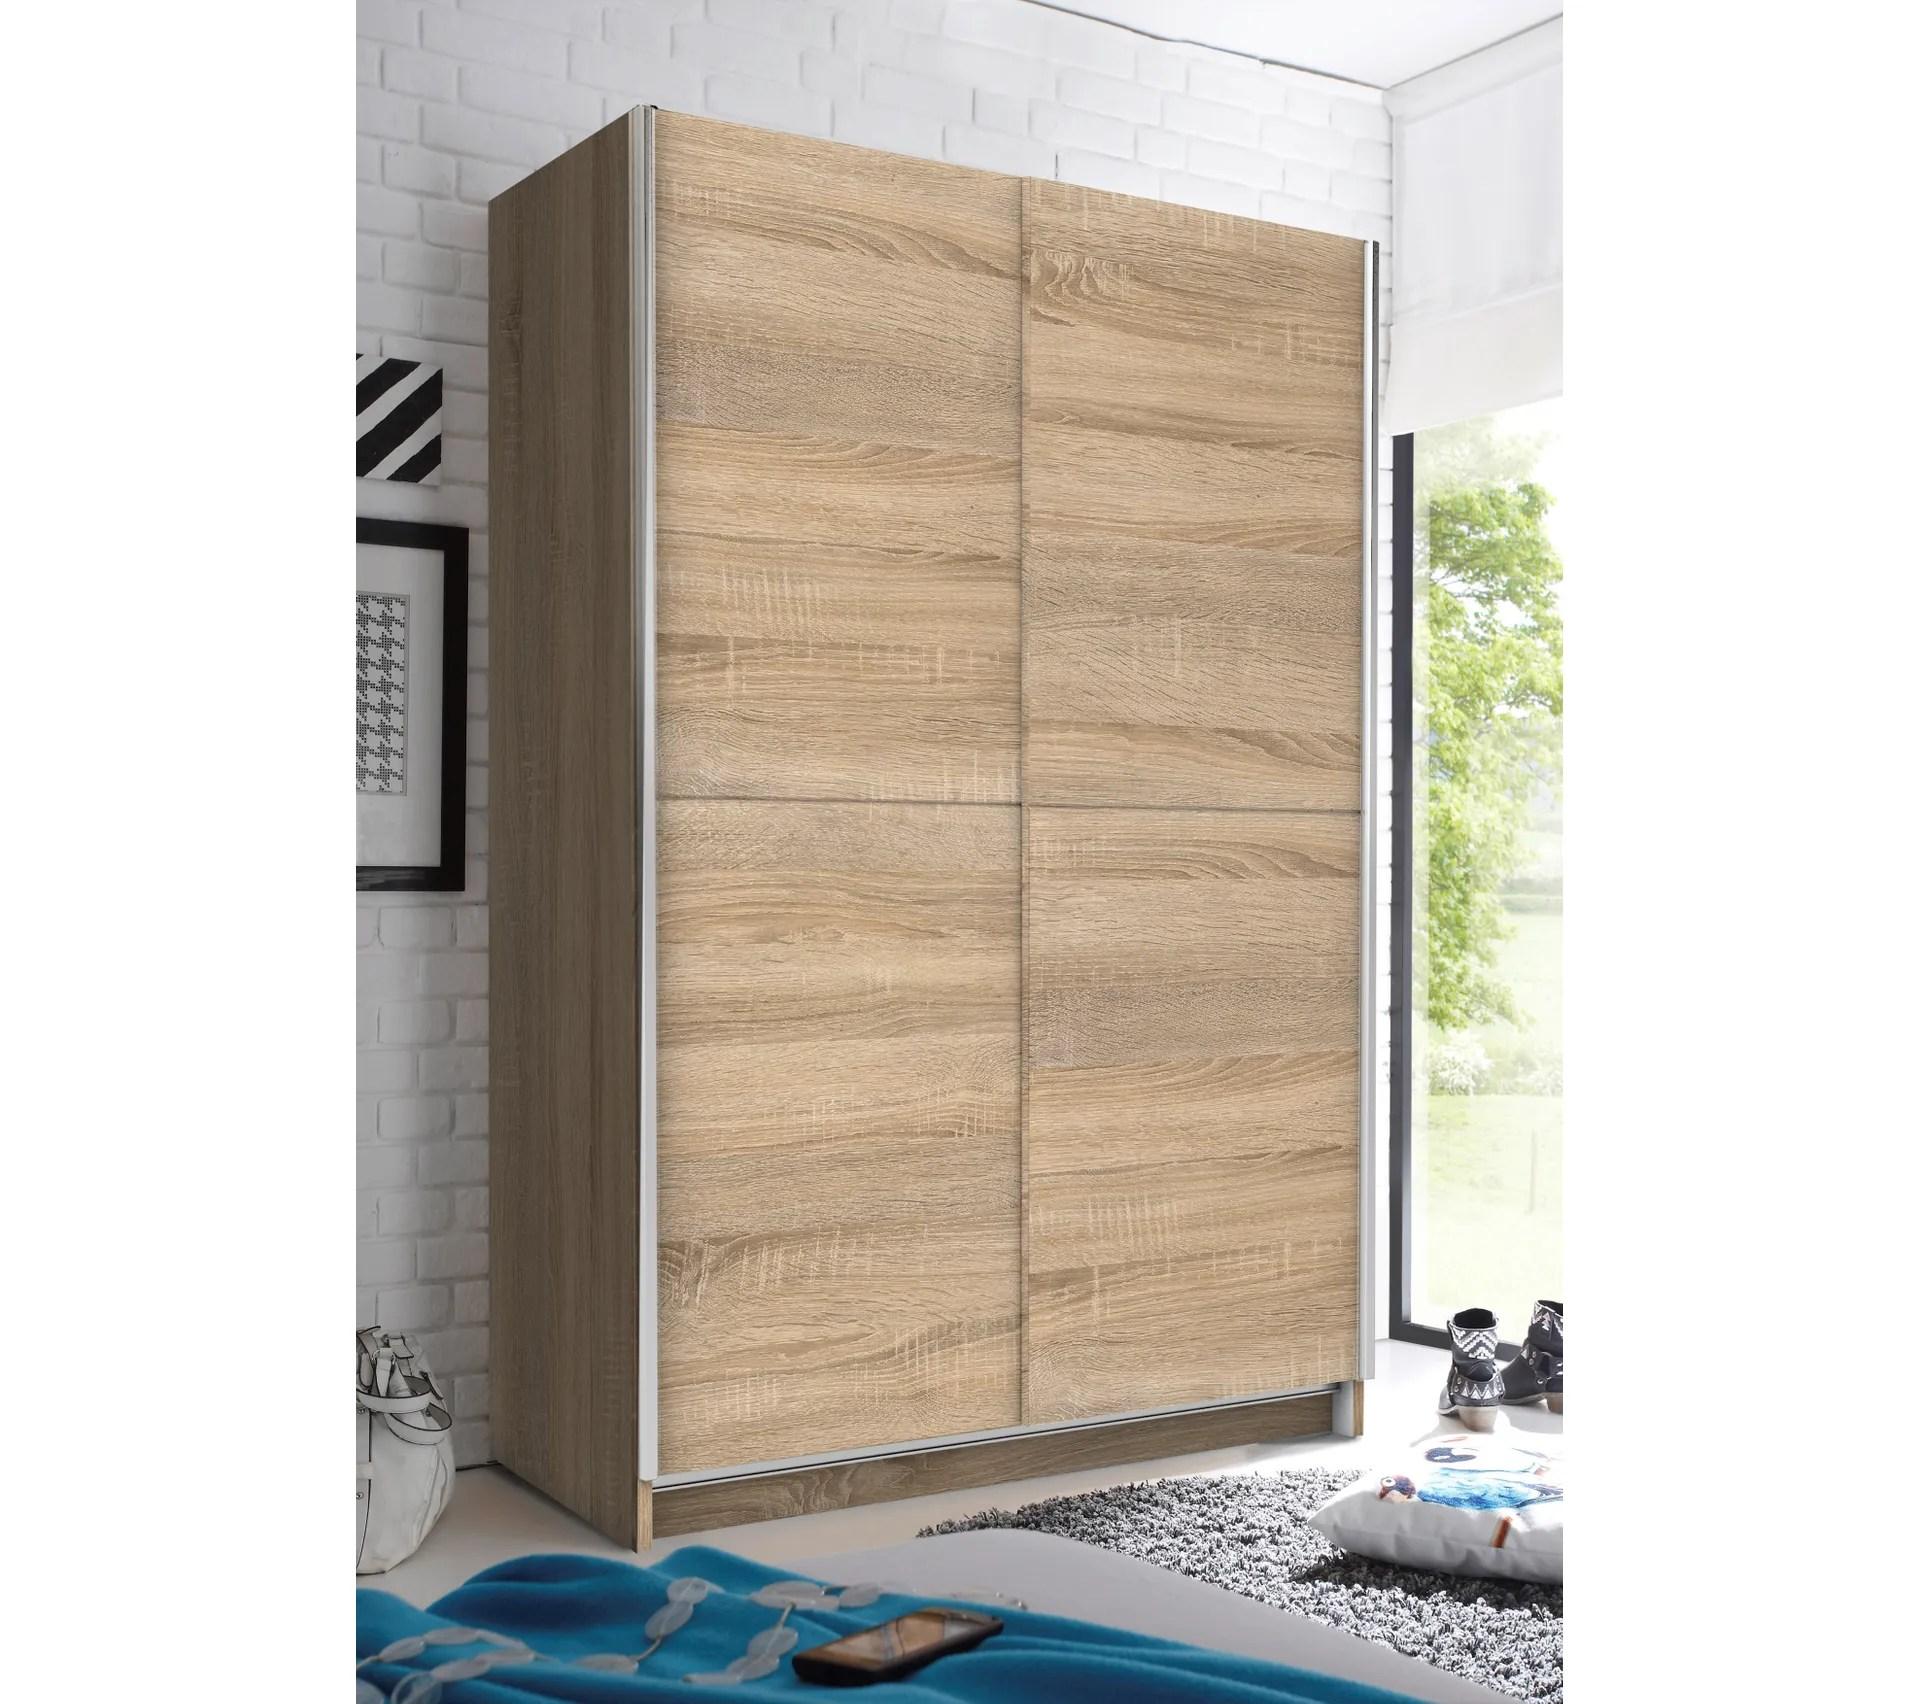 armoire 2 portes coulissantes l 125 cm fast imitation chene